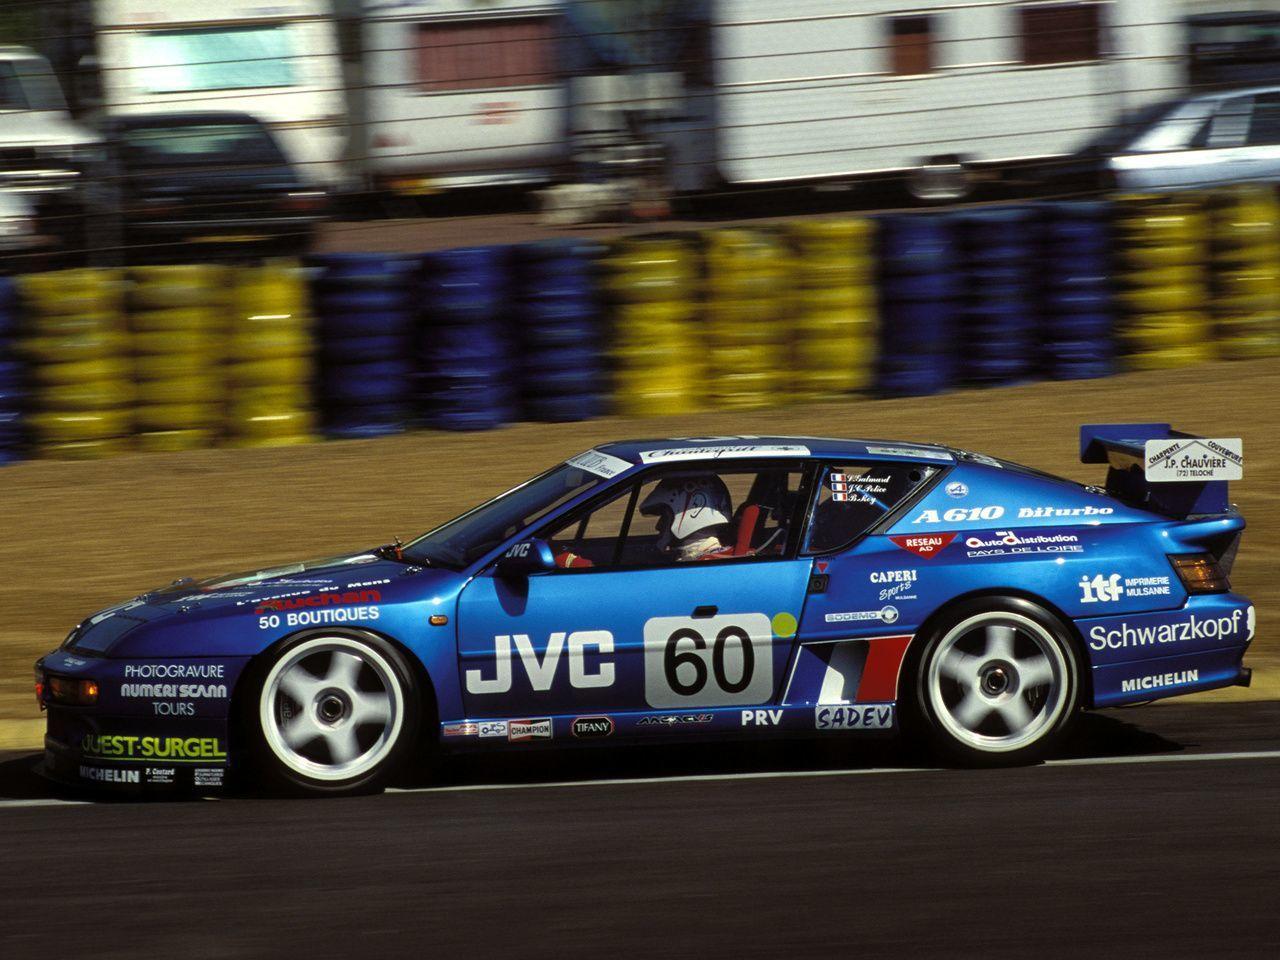 alpine-a610-gt2-le-mans-1994